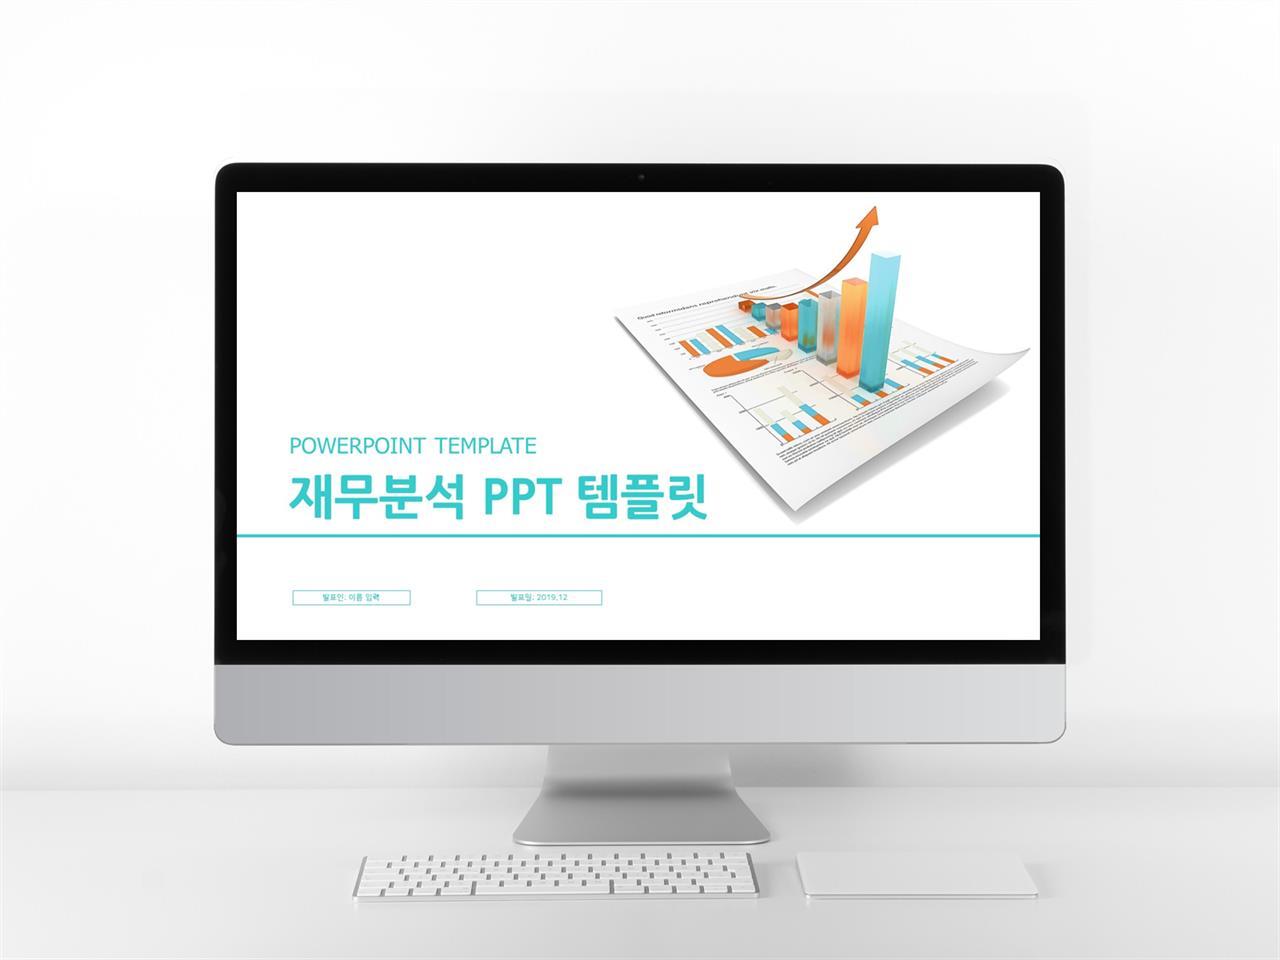 상업계획 파랑색 패션느낌 프로급 POWERPOINT서식 사이트 미리보기